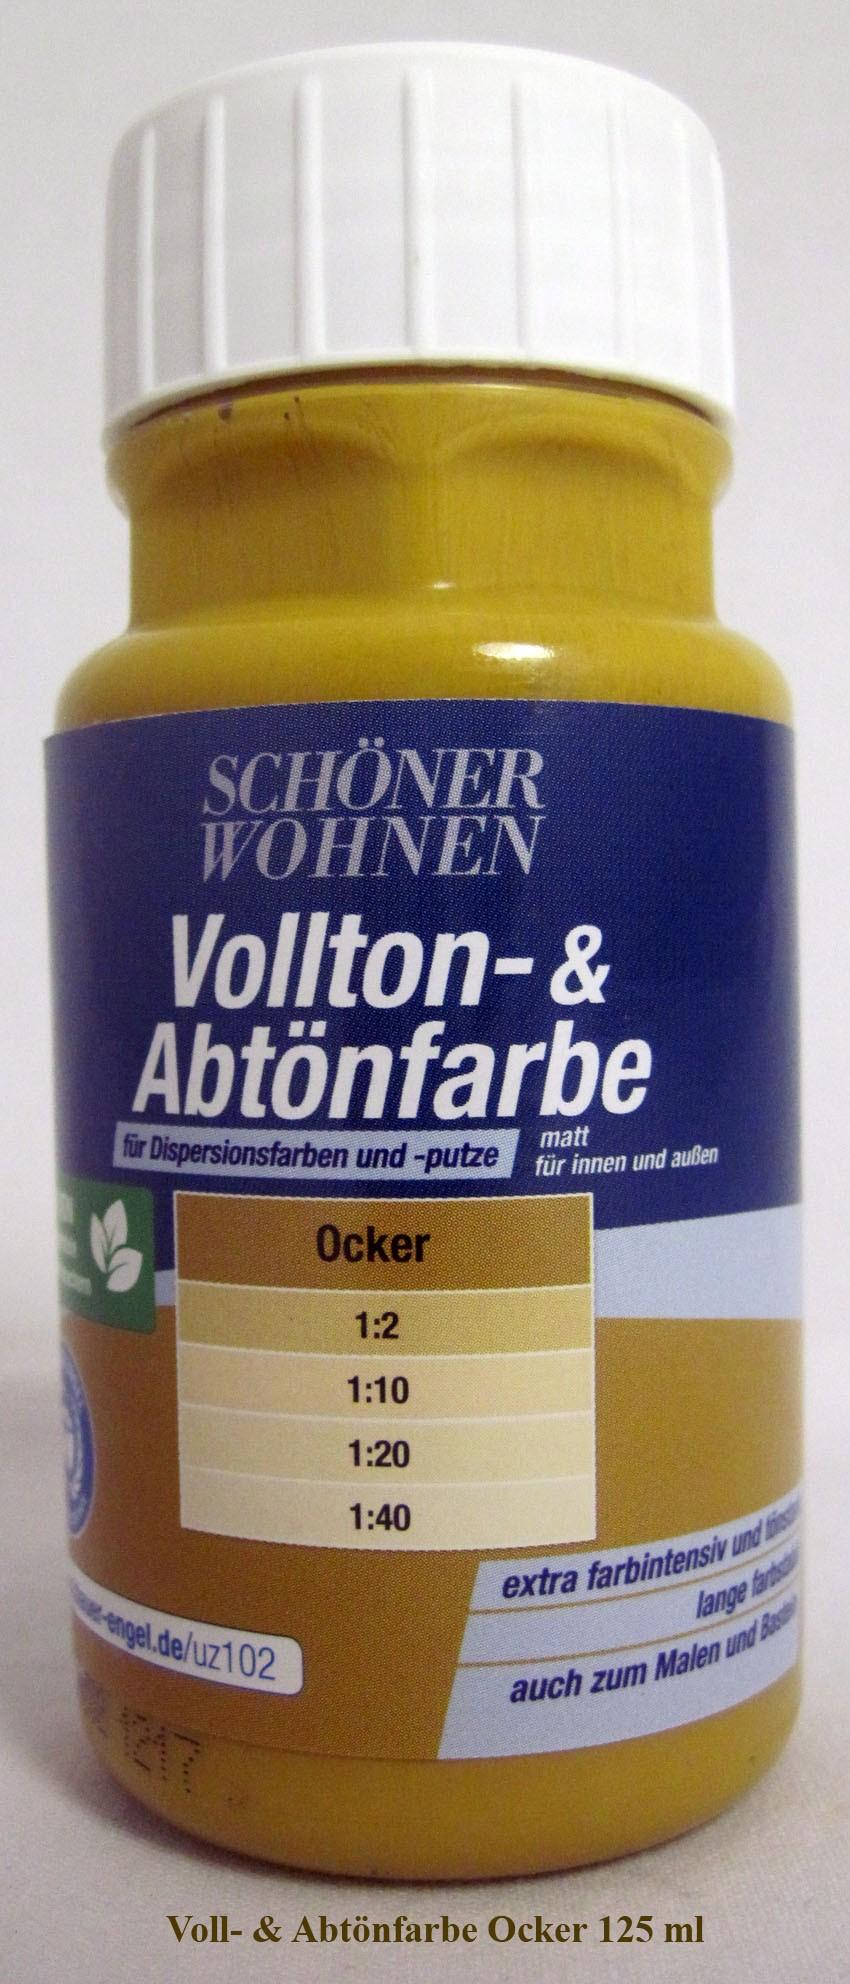 Voll- und Abtönfarbe Ocker 125 ml